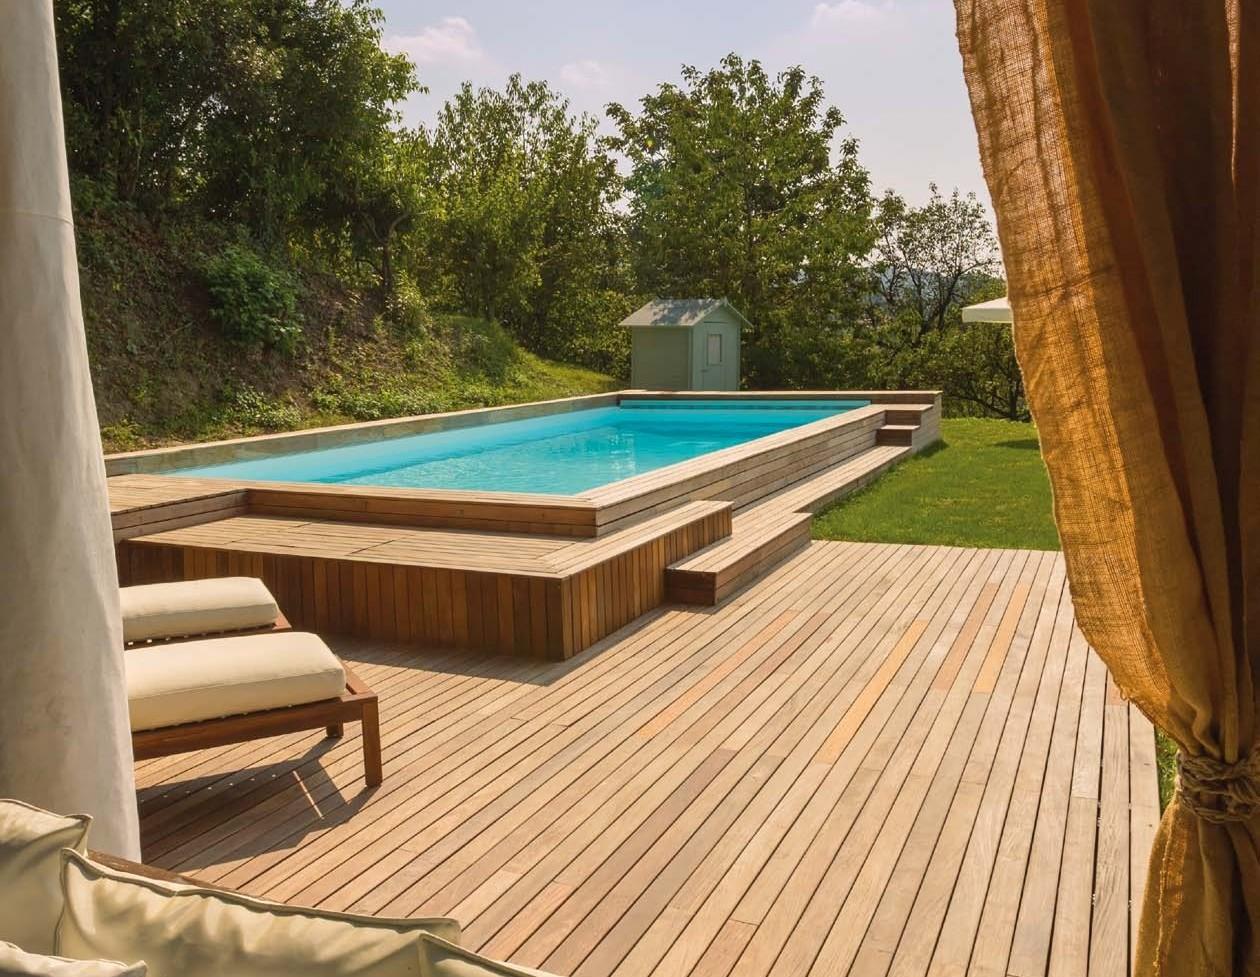 Rivestimento In Legno Per Piscine Fuori Terra : Terrazza per piscine archivi sys piscinesys piscine